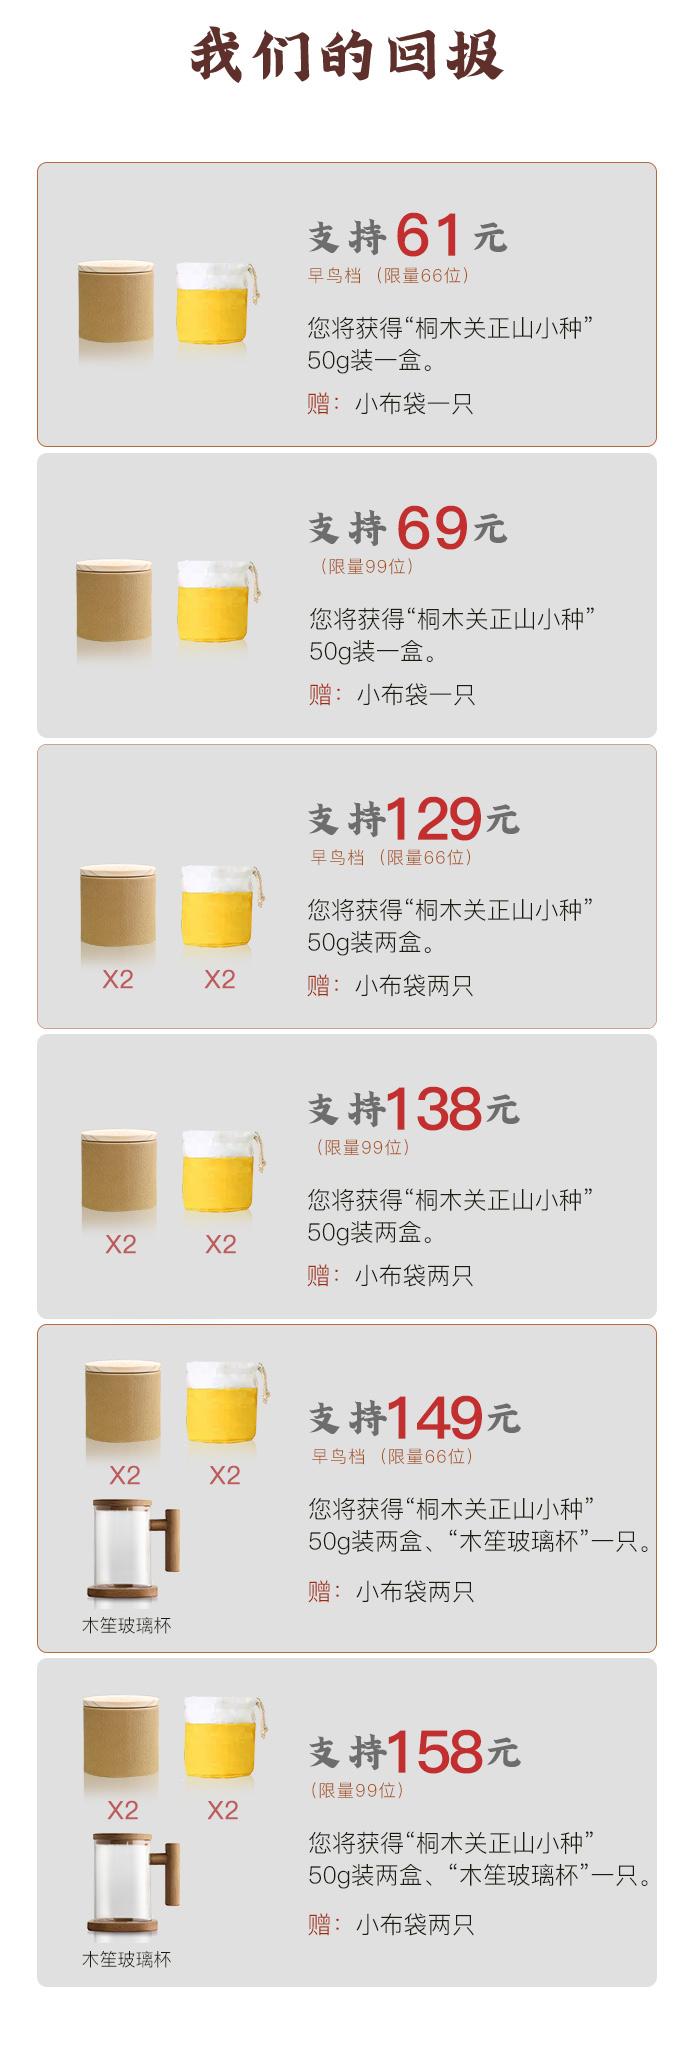 正山奶茶源文件_19.jpg